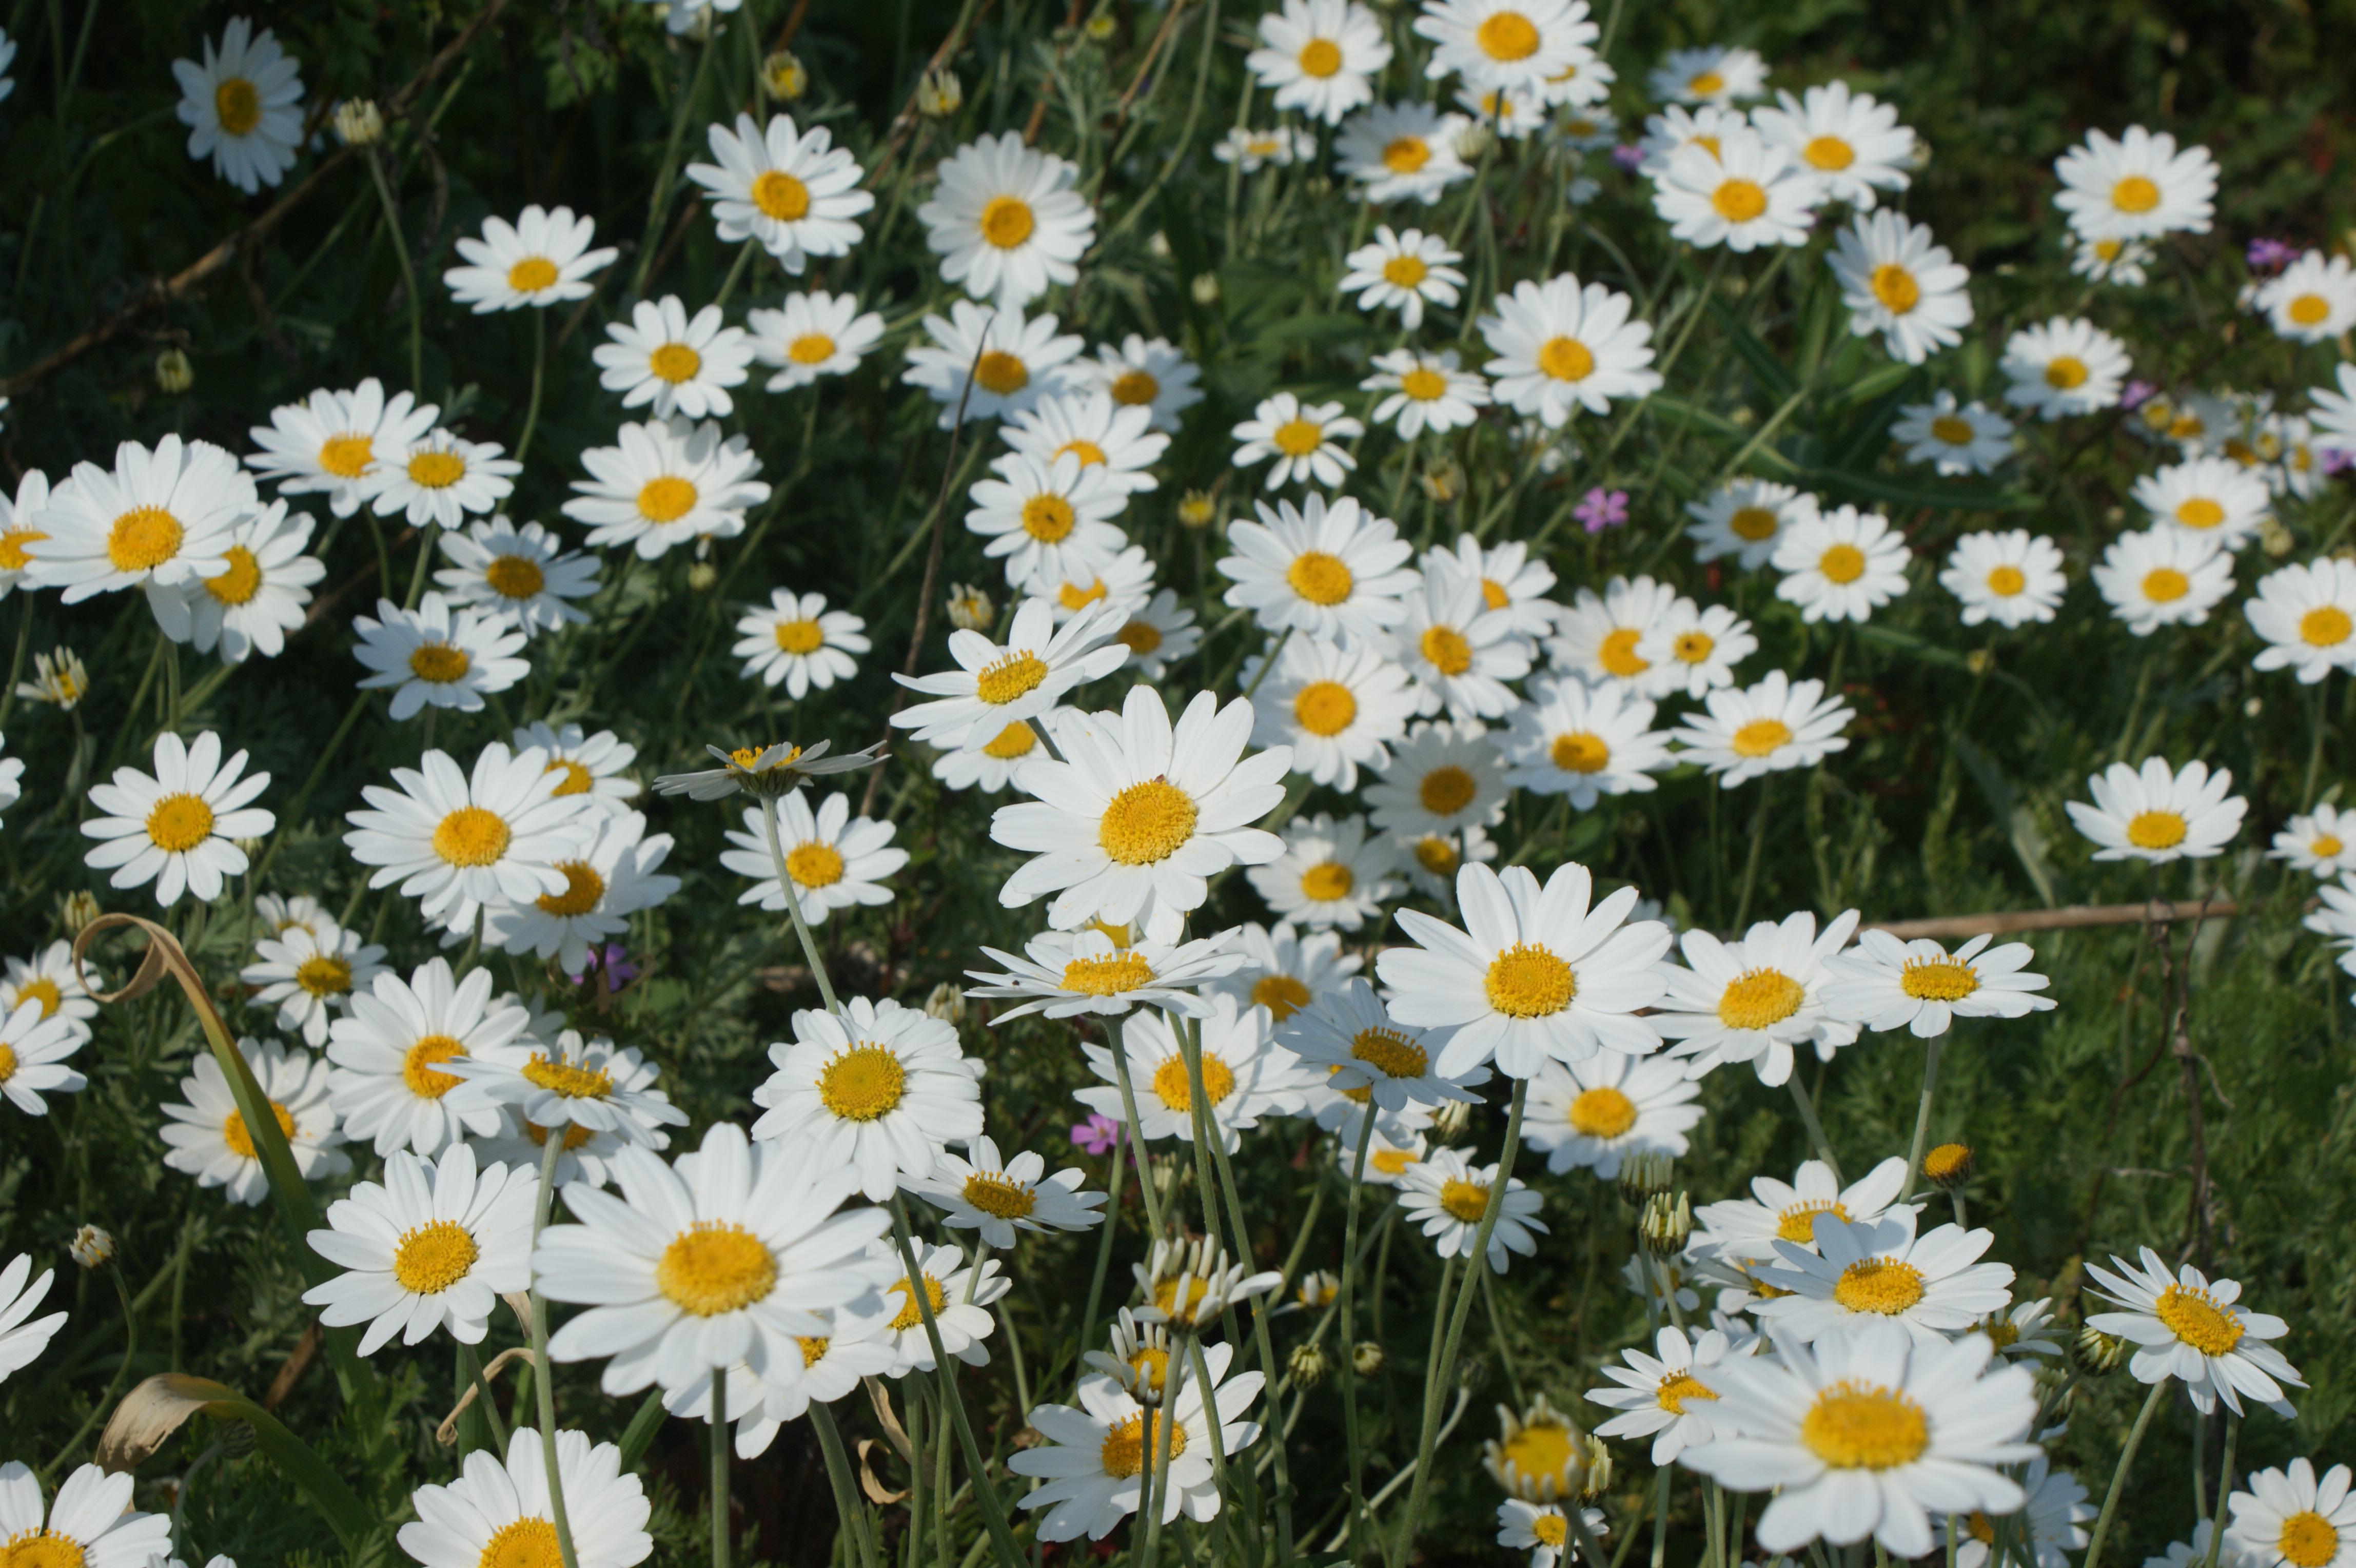 Daisy Flowers Tumblr